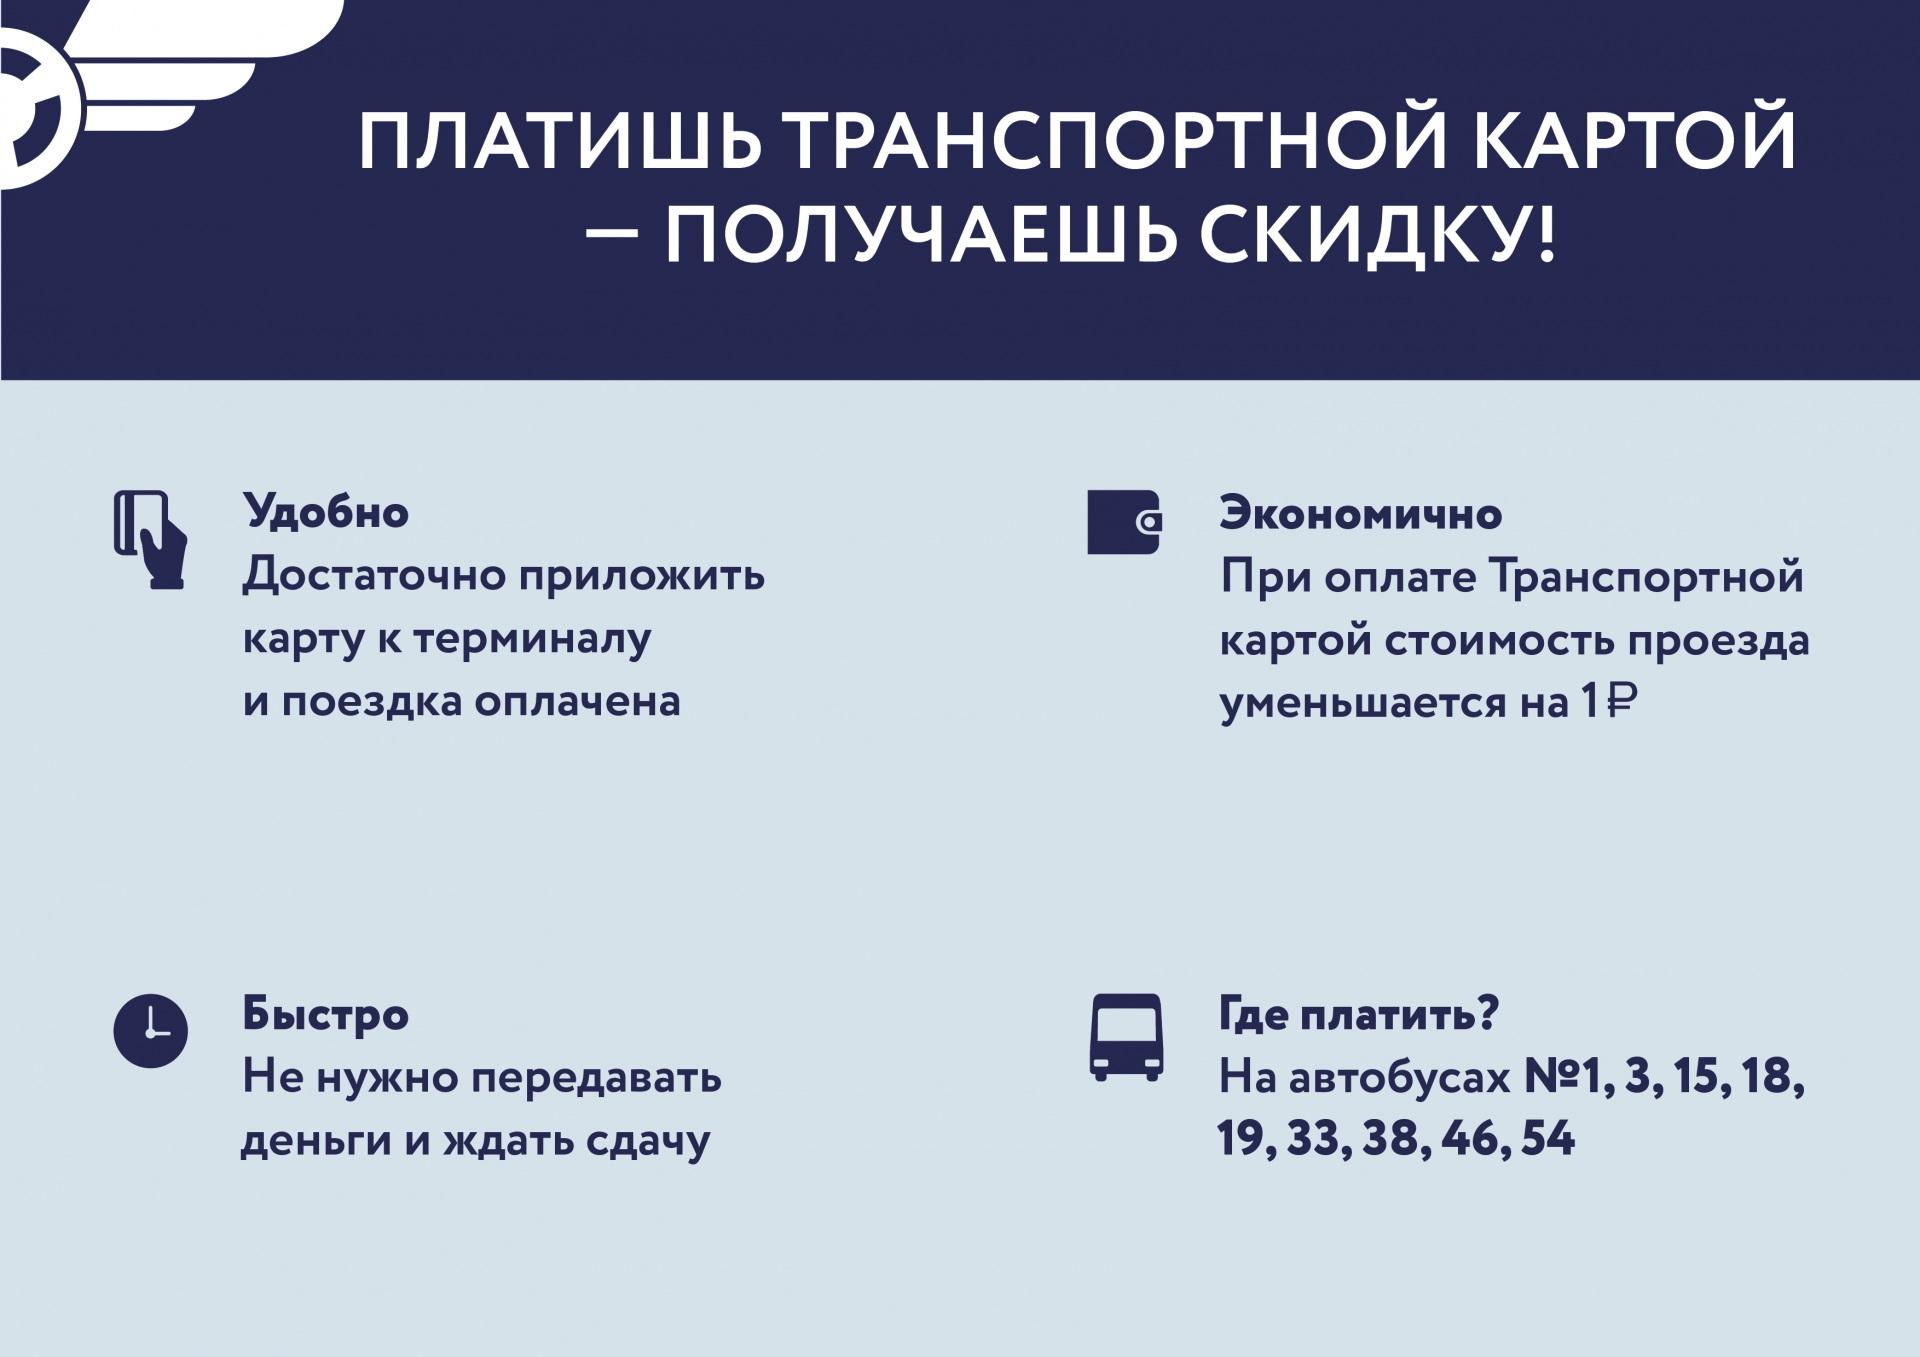 Skidka-po-Transportnoi-karte-01.jpg